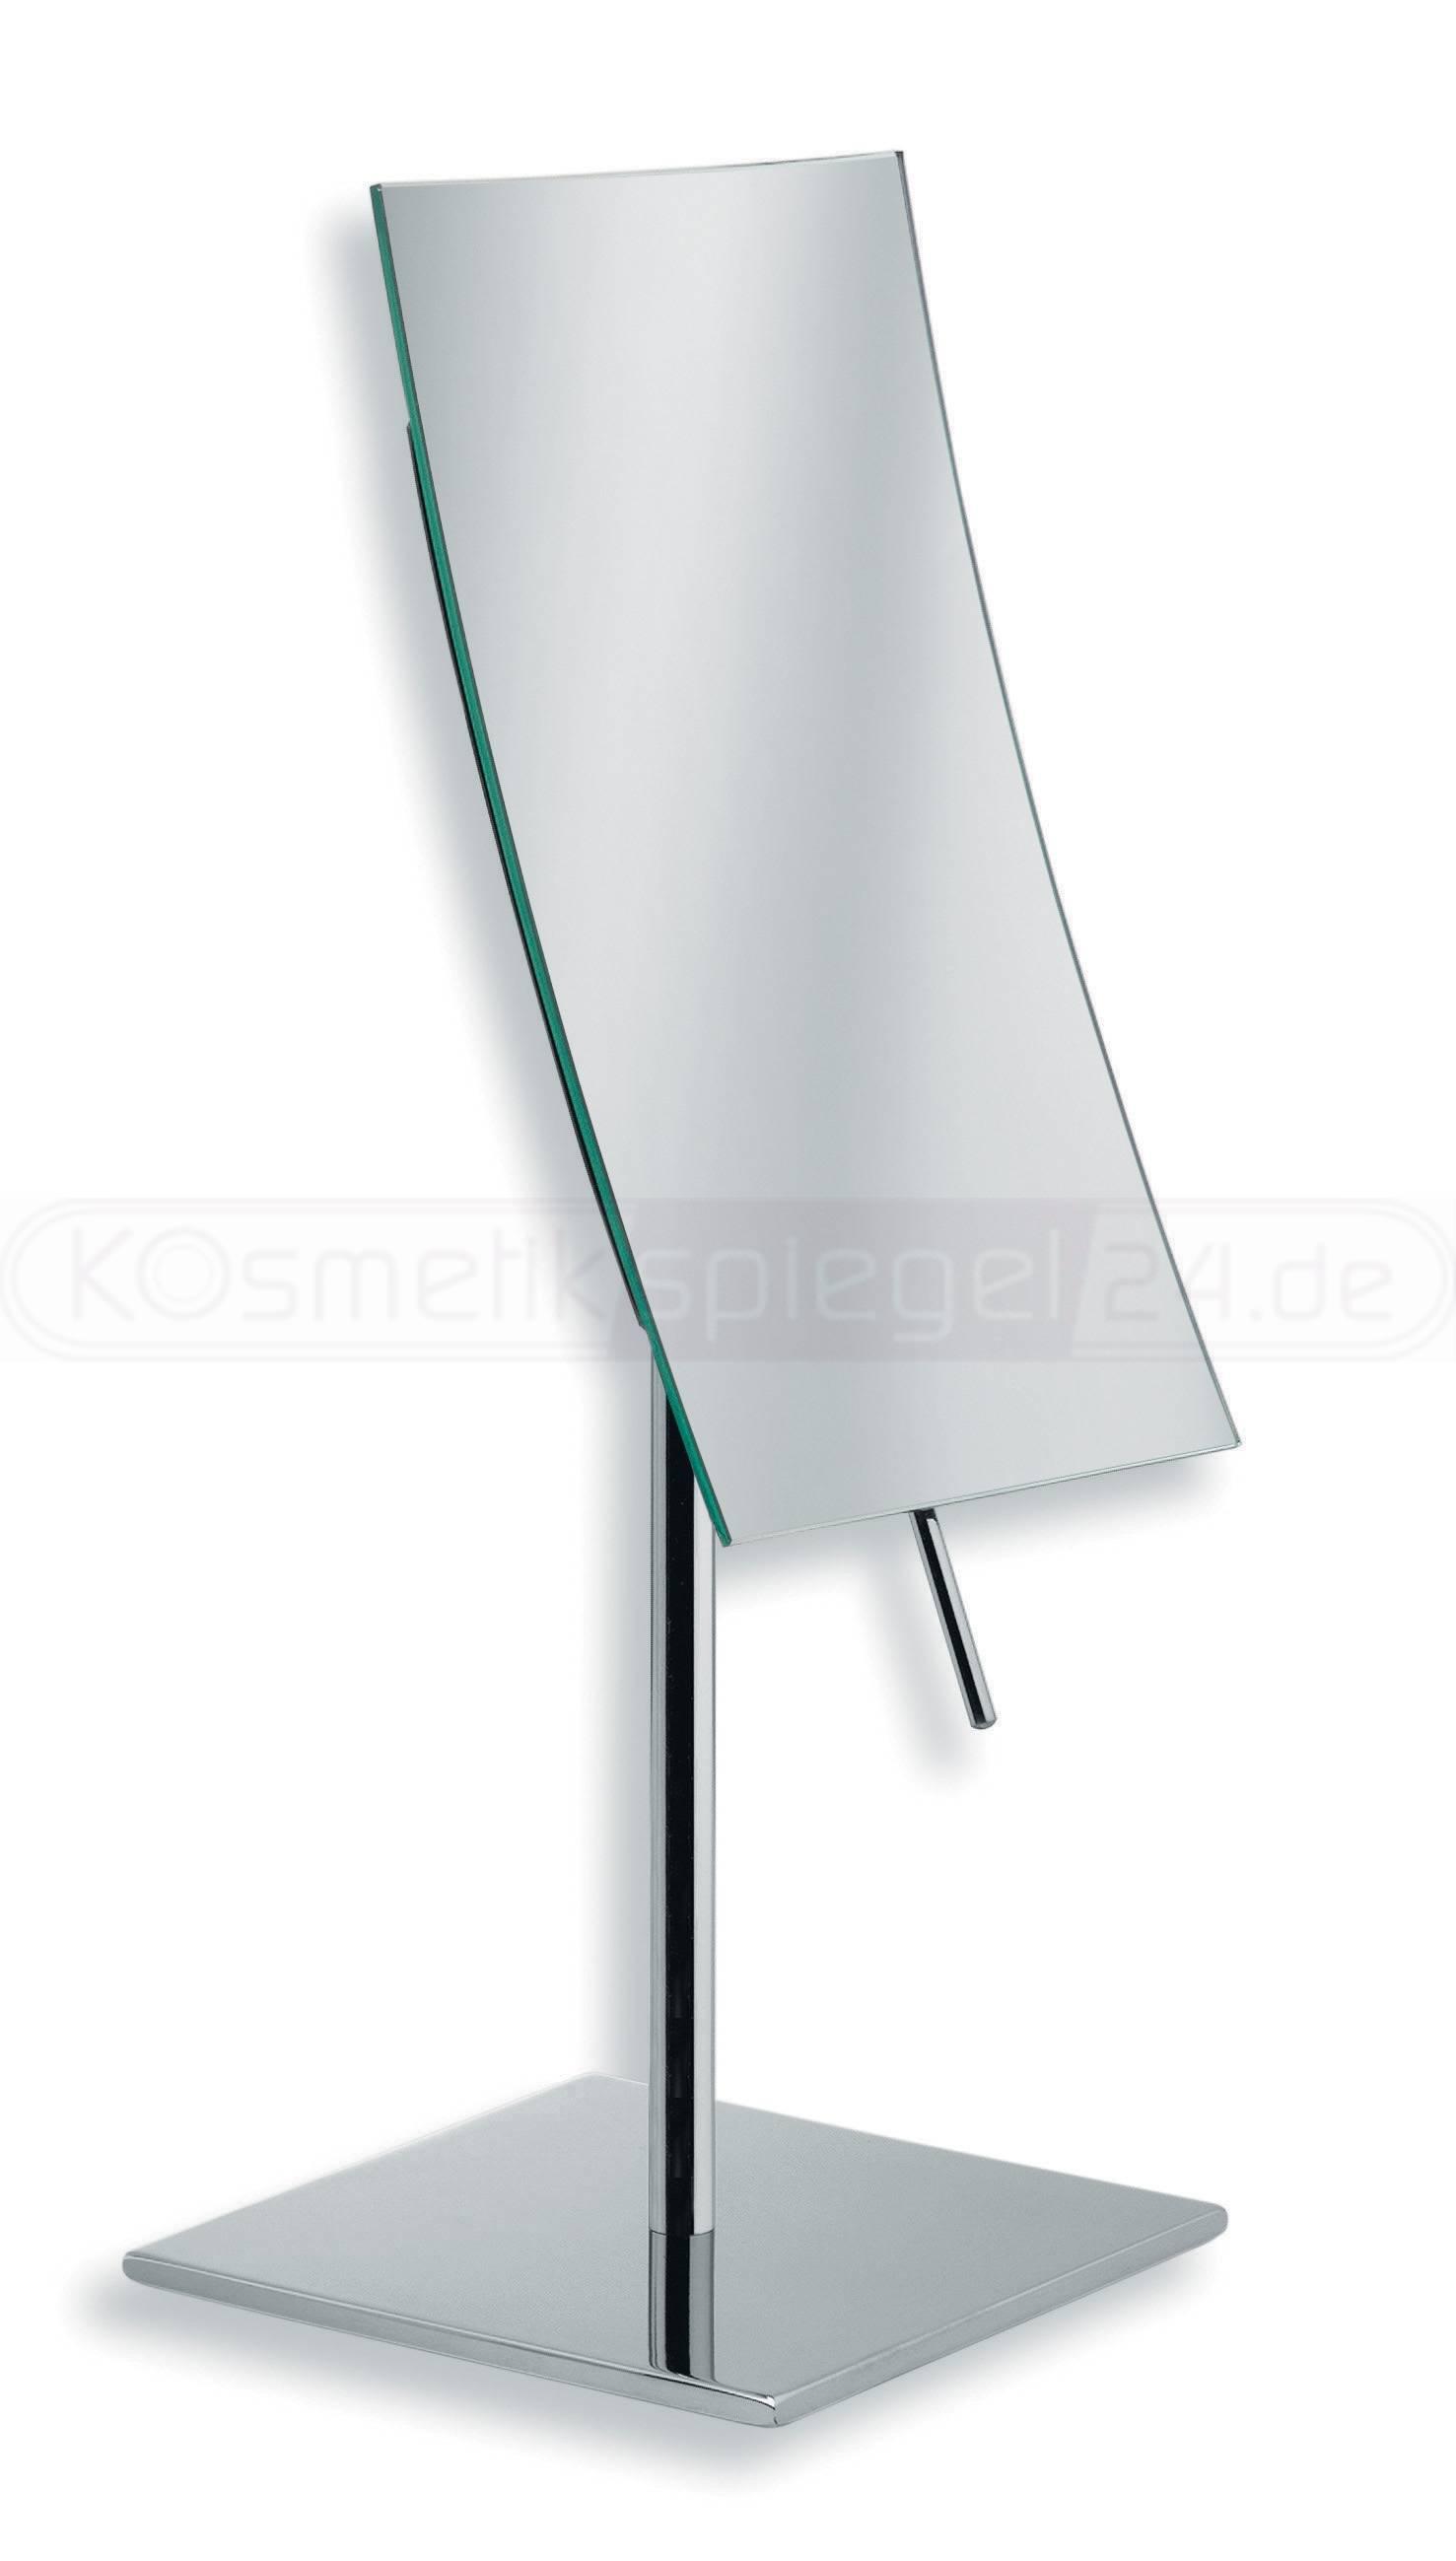 kosmetikspiegel online kaufen maedje kg design stand kosmetikspiegel quadrato 3 fach. Black Bedroom Furniture Sets. Home Design Ideas